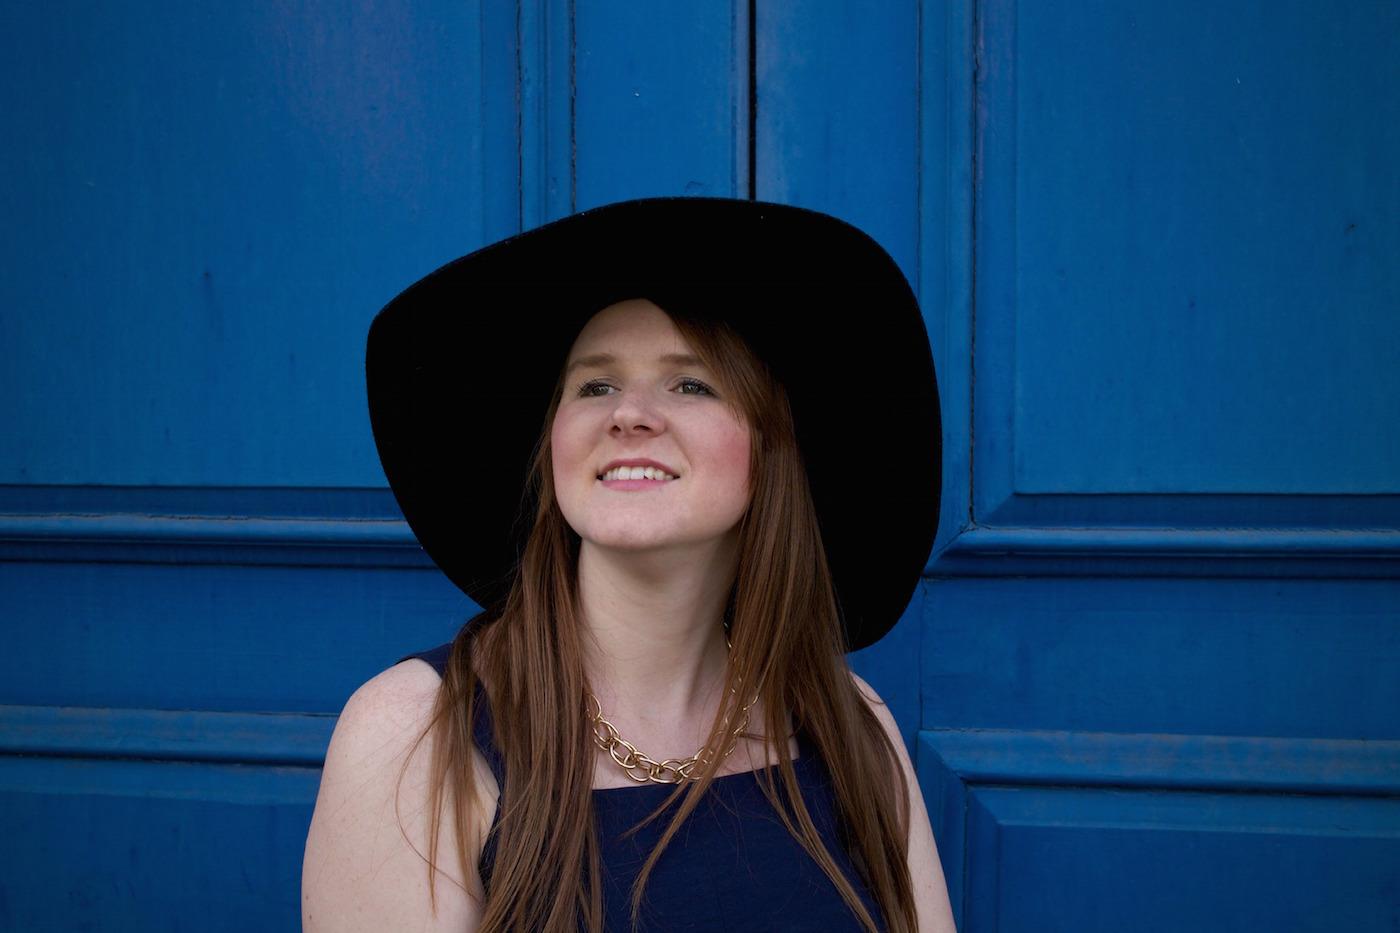 floppy hat london blogger style pretty posh oh my gosh